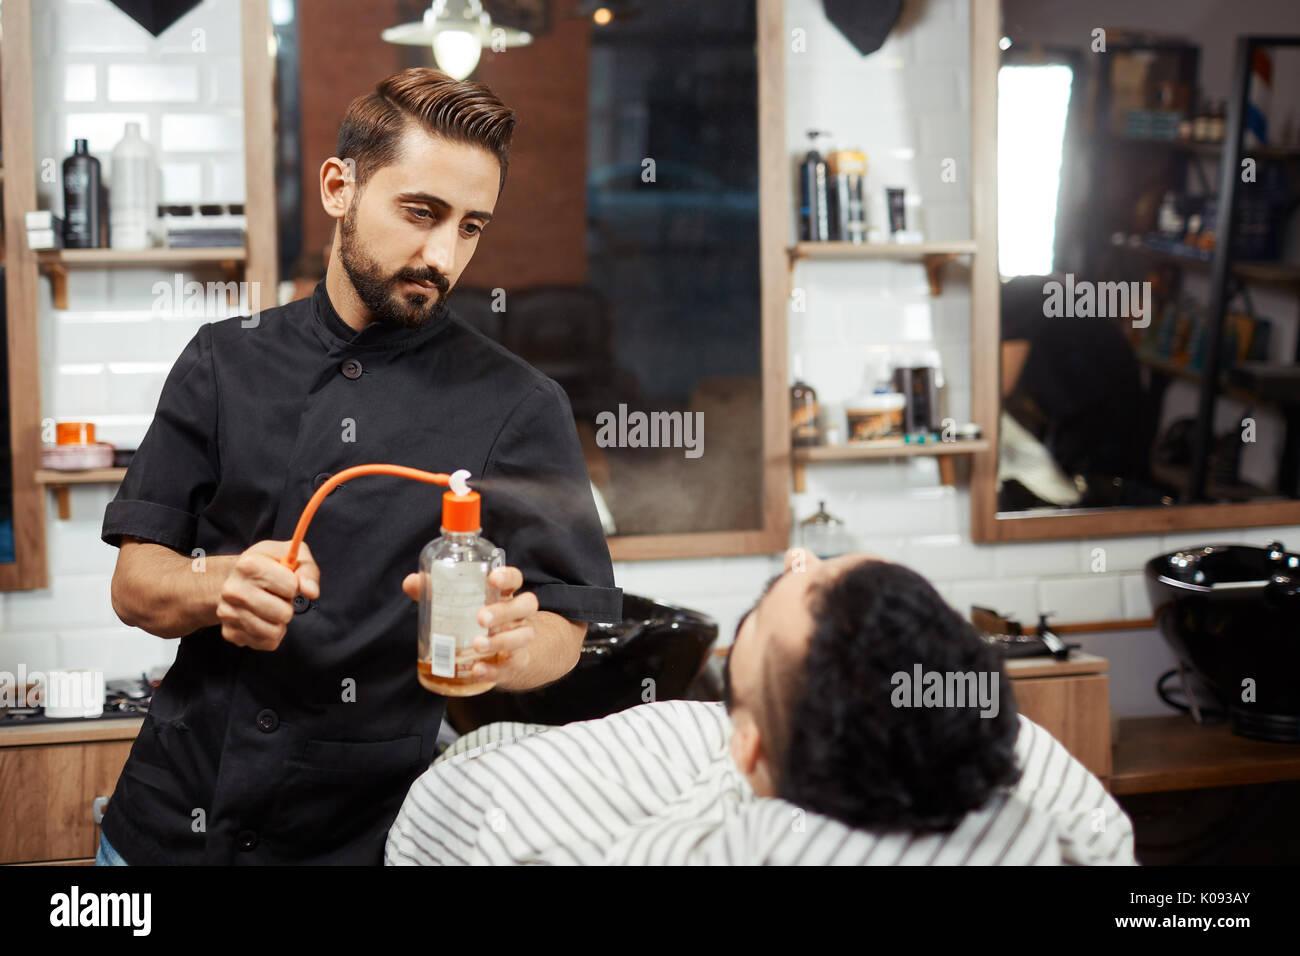 Coiffure diffusion de parfum sur le client Photo Stock